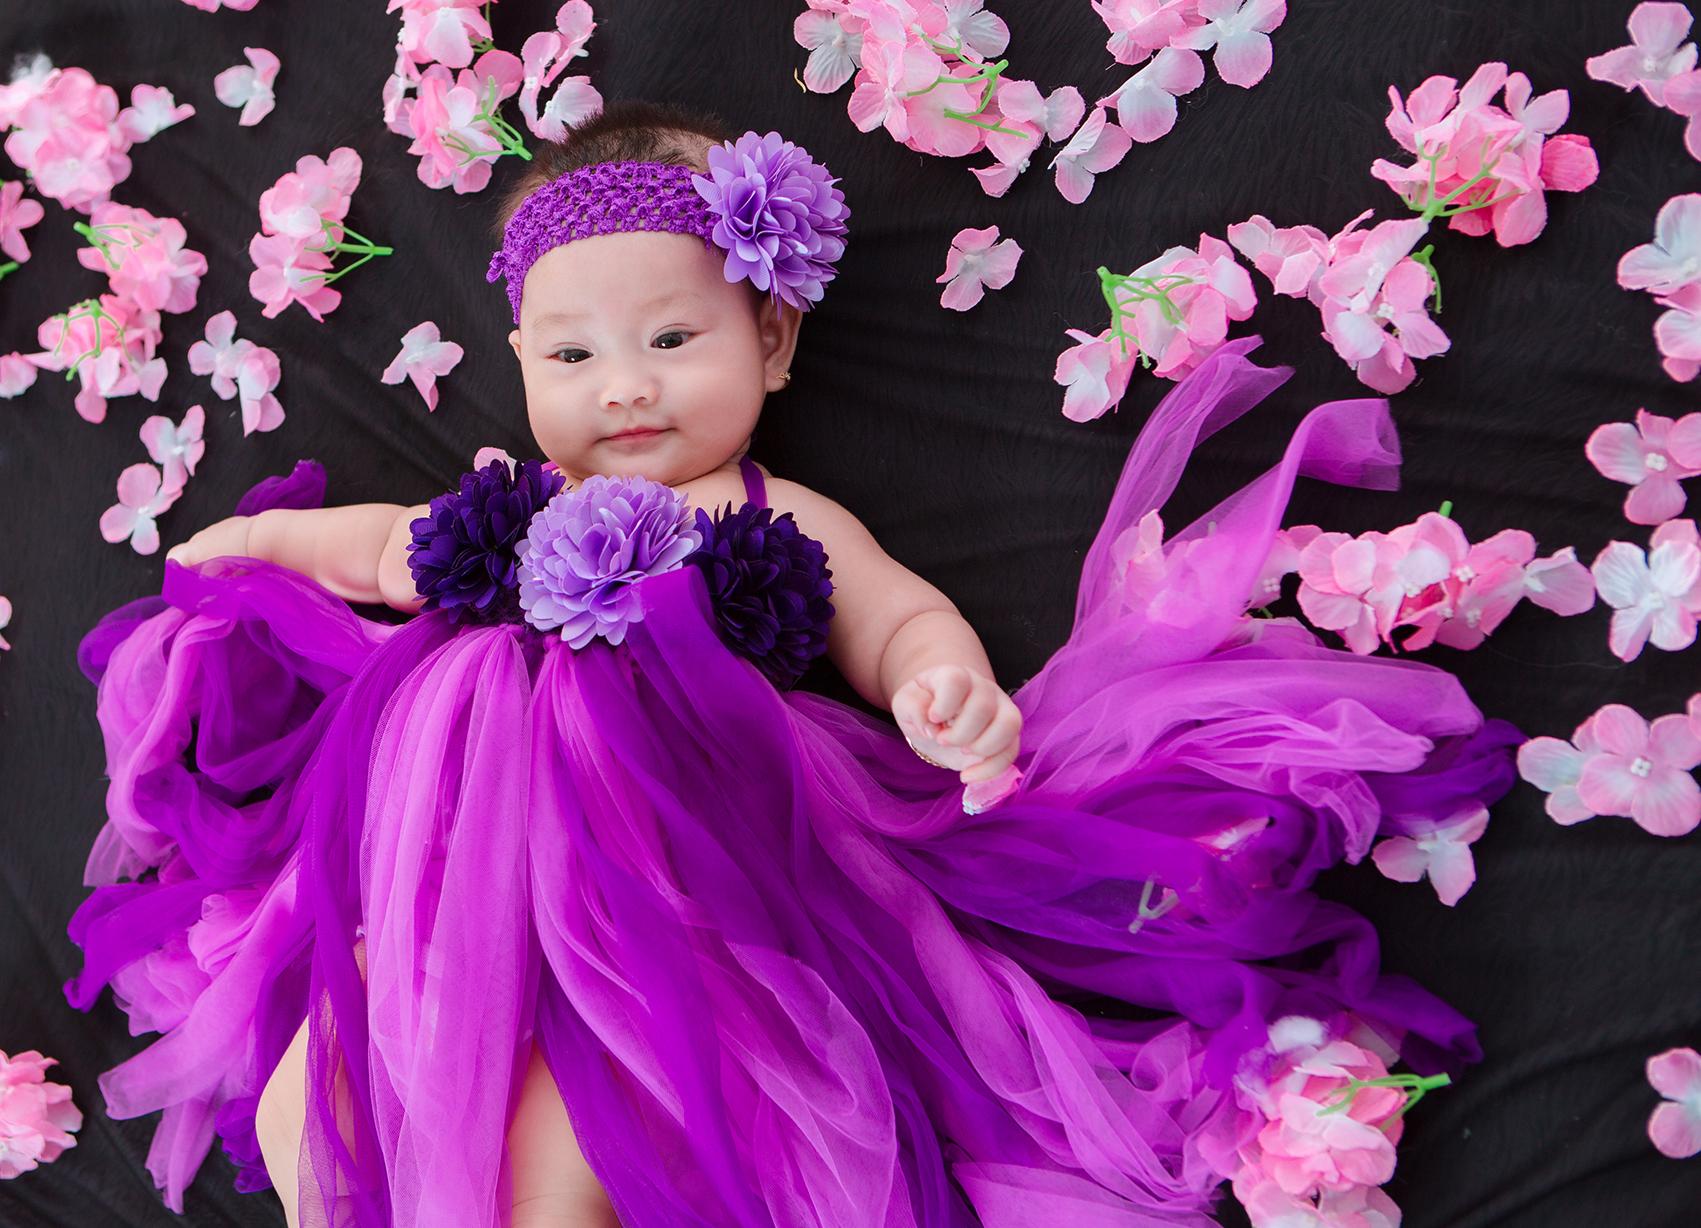 kinh nghiệm chụp ảnh nghệ thuật cho bé